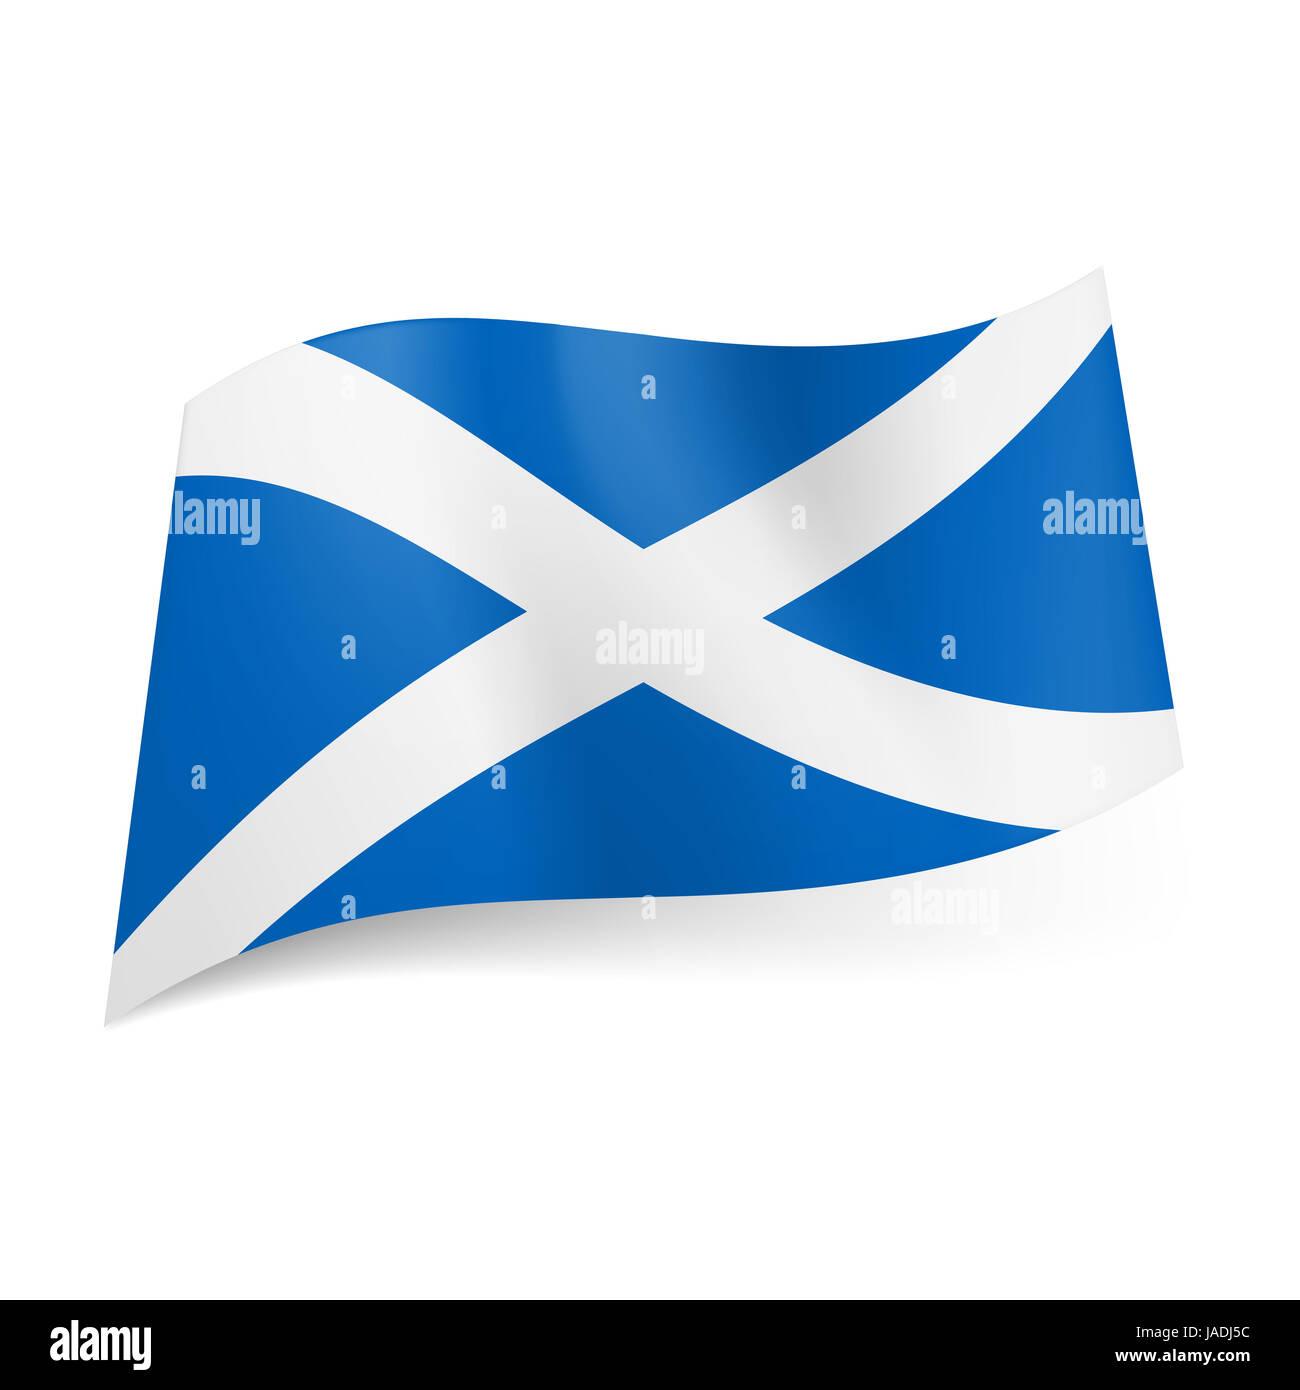 Bandiera Nazionale Della Scozia La Croce Bianca Su Sfondo Blu Foto